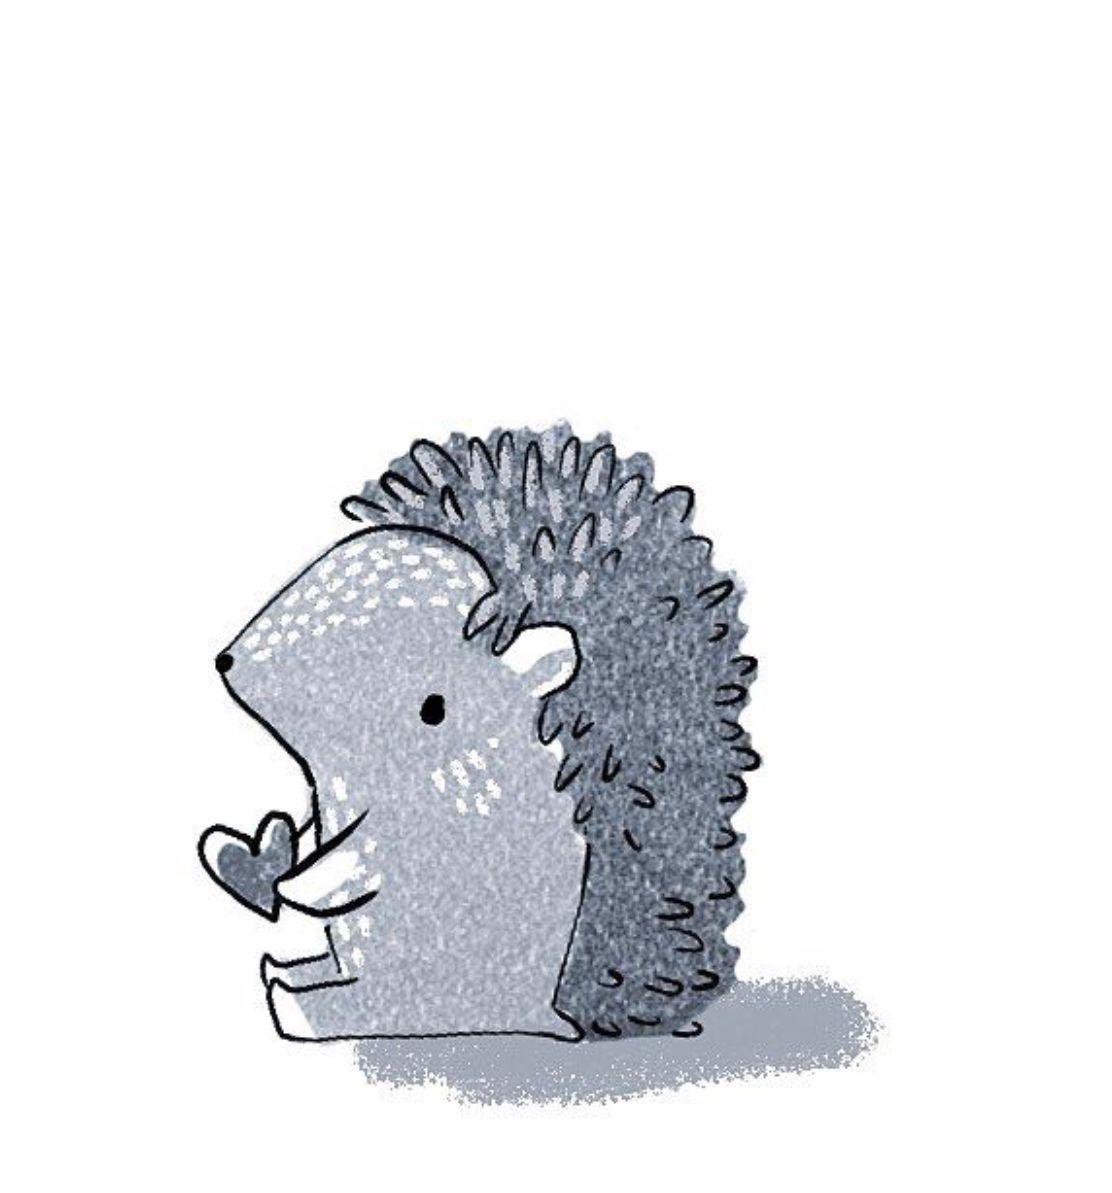 Cute Little Hedgehog Shelley Couvillion Doodles Pinterest